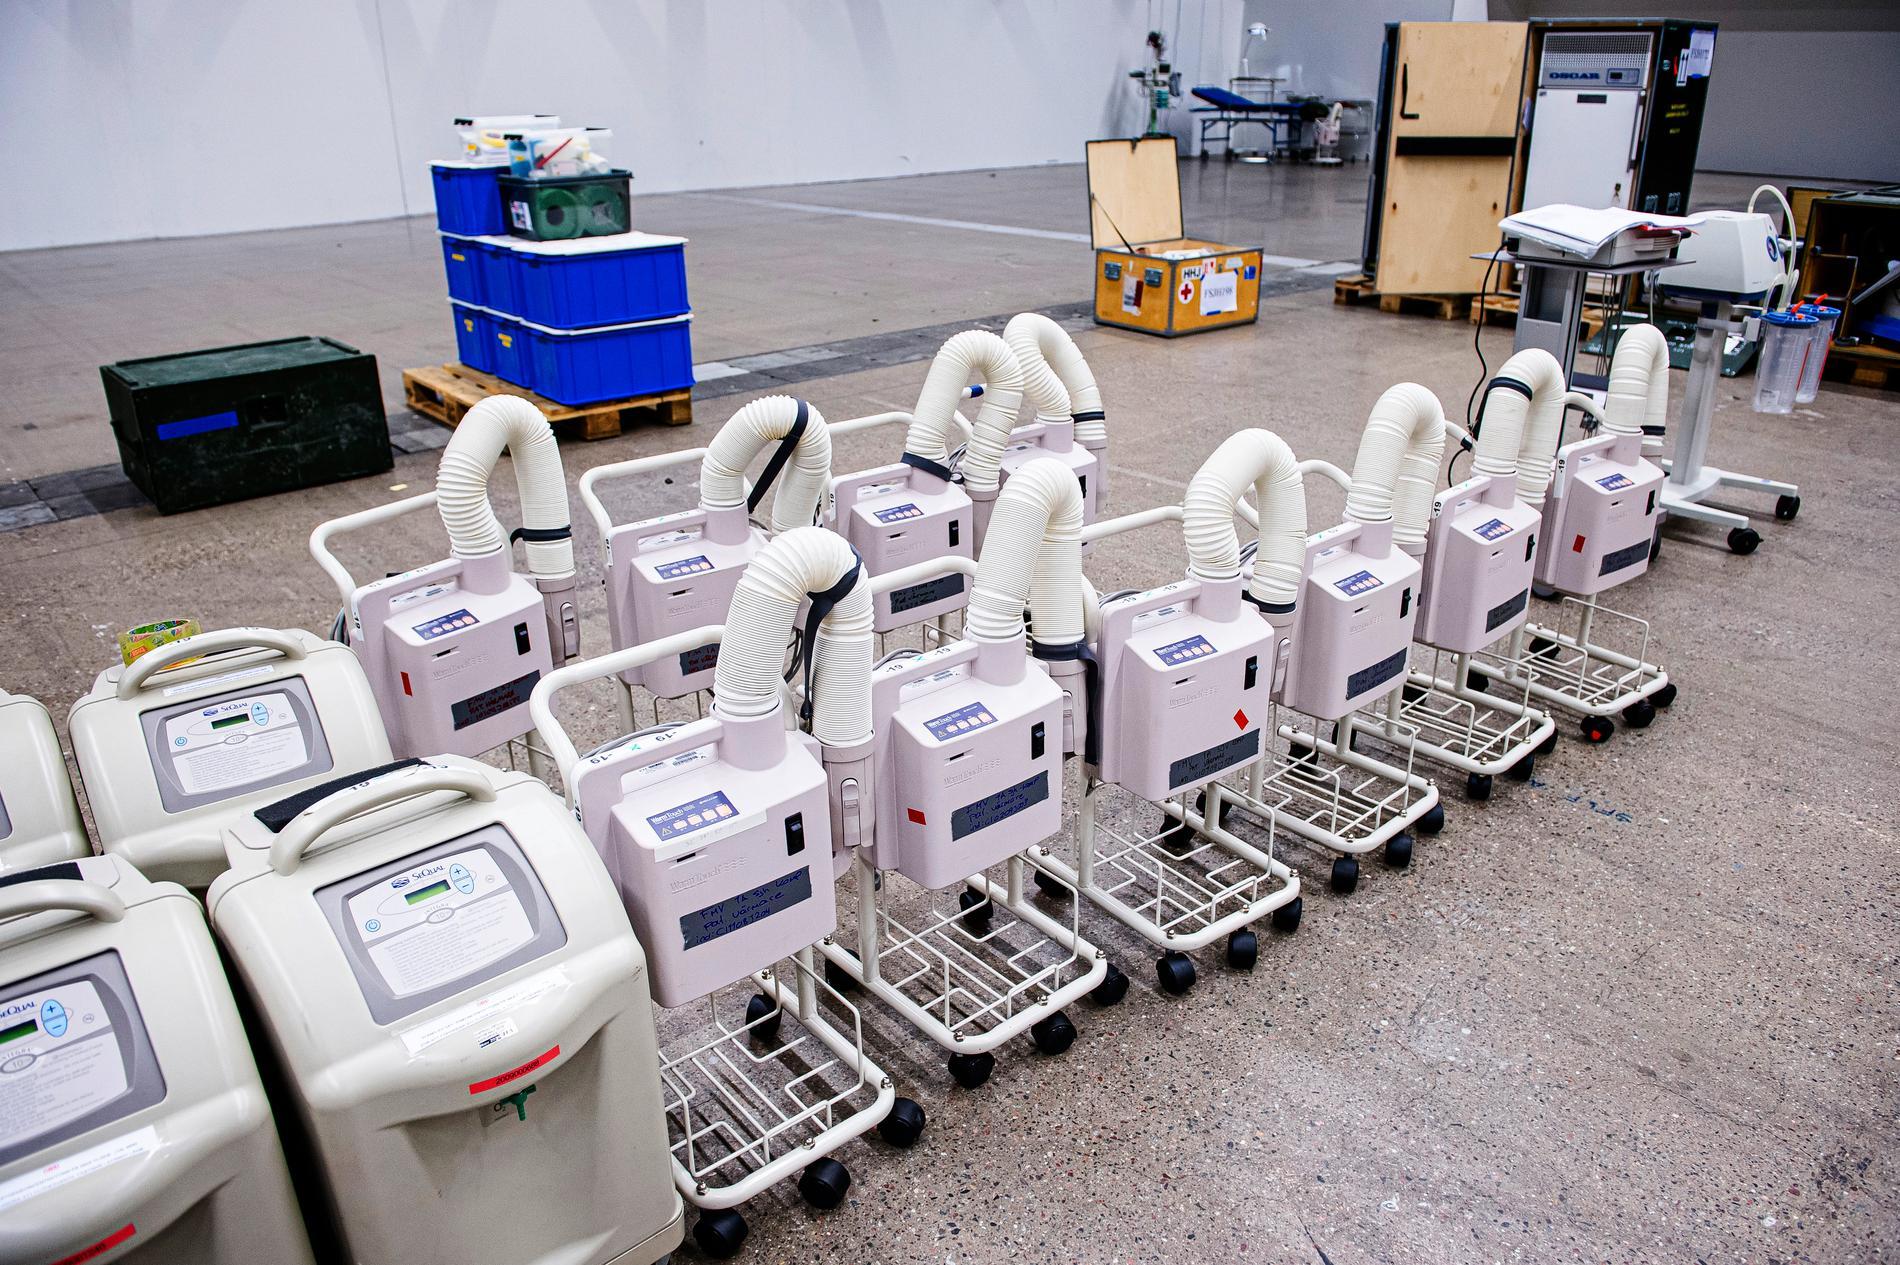 Vid varje säng för intensivvård kommer det att finnas en stapel med respirator, övervakningsutrustning, blod-vätskevärmare, sug och pumpar för läkemedel.